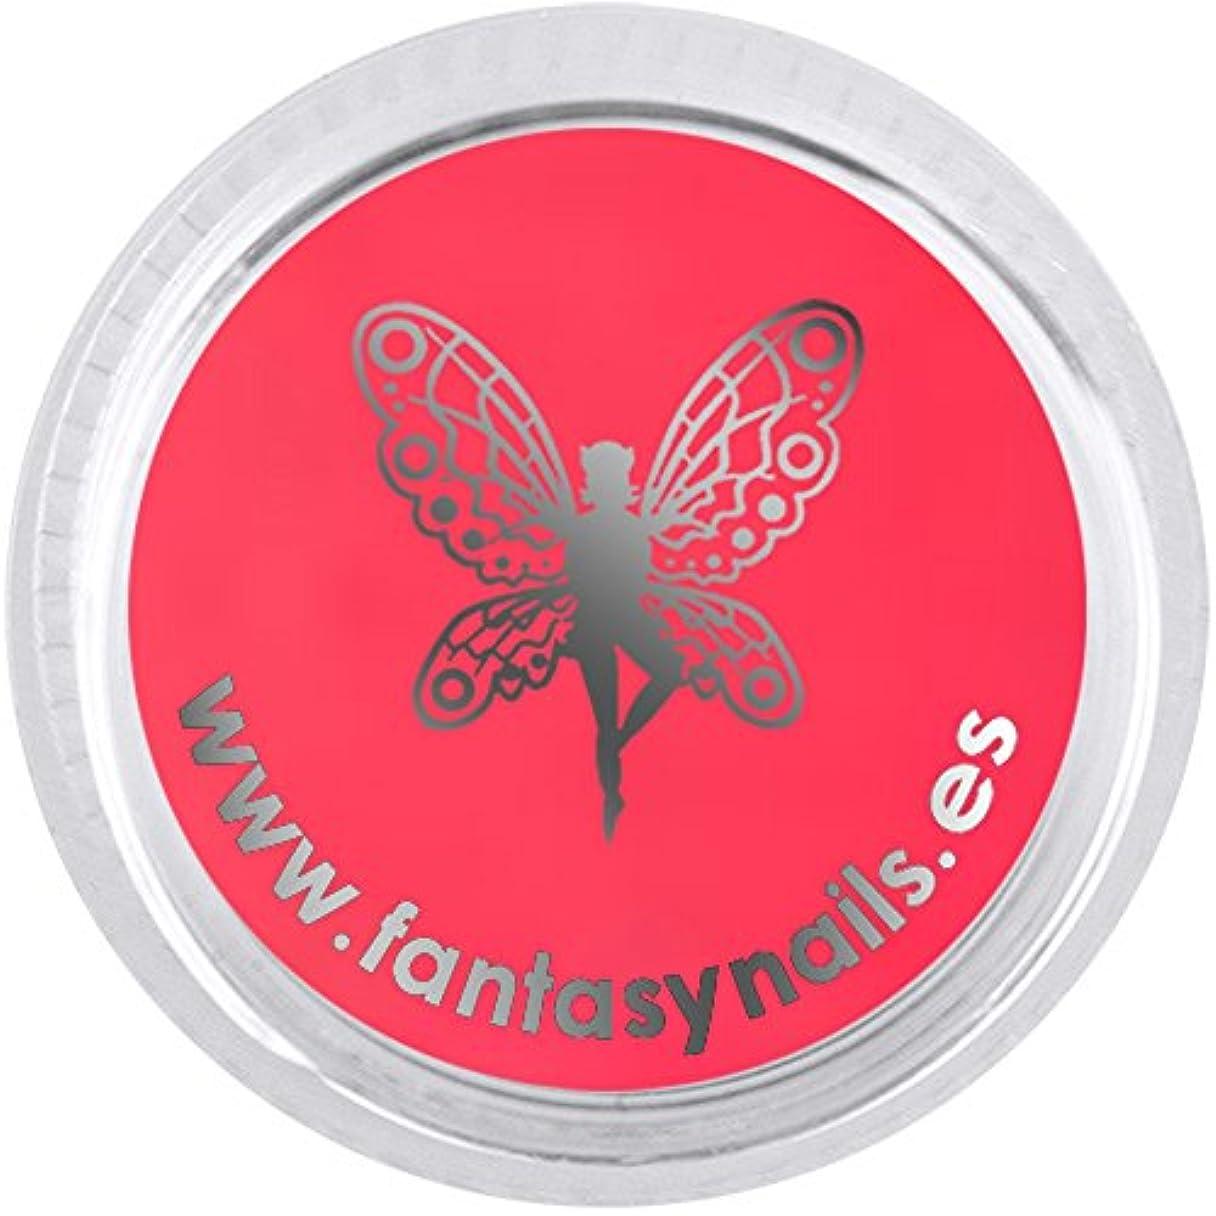 庭園新しい意味銛FANTASY NAIL フラワーコレクション 3g 4756XS カラーパウダー アート材